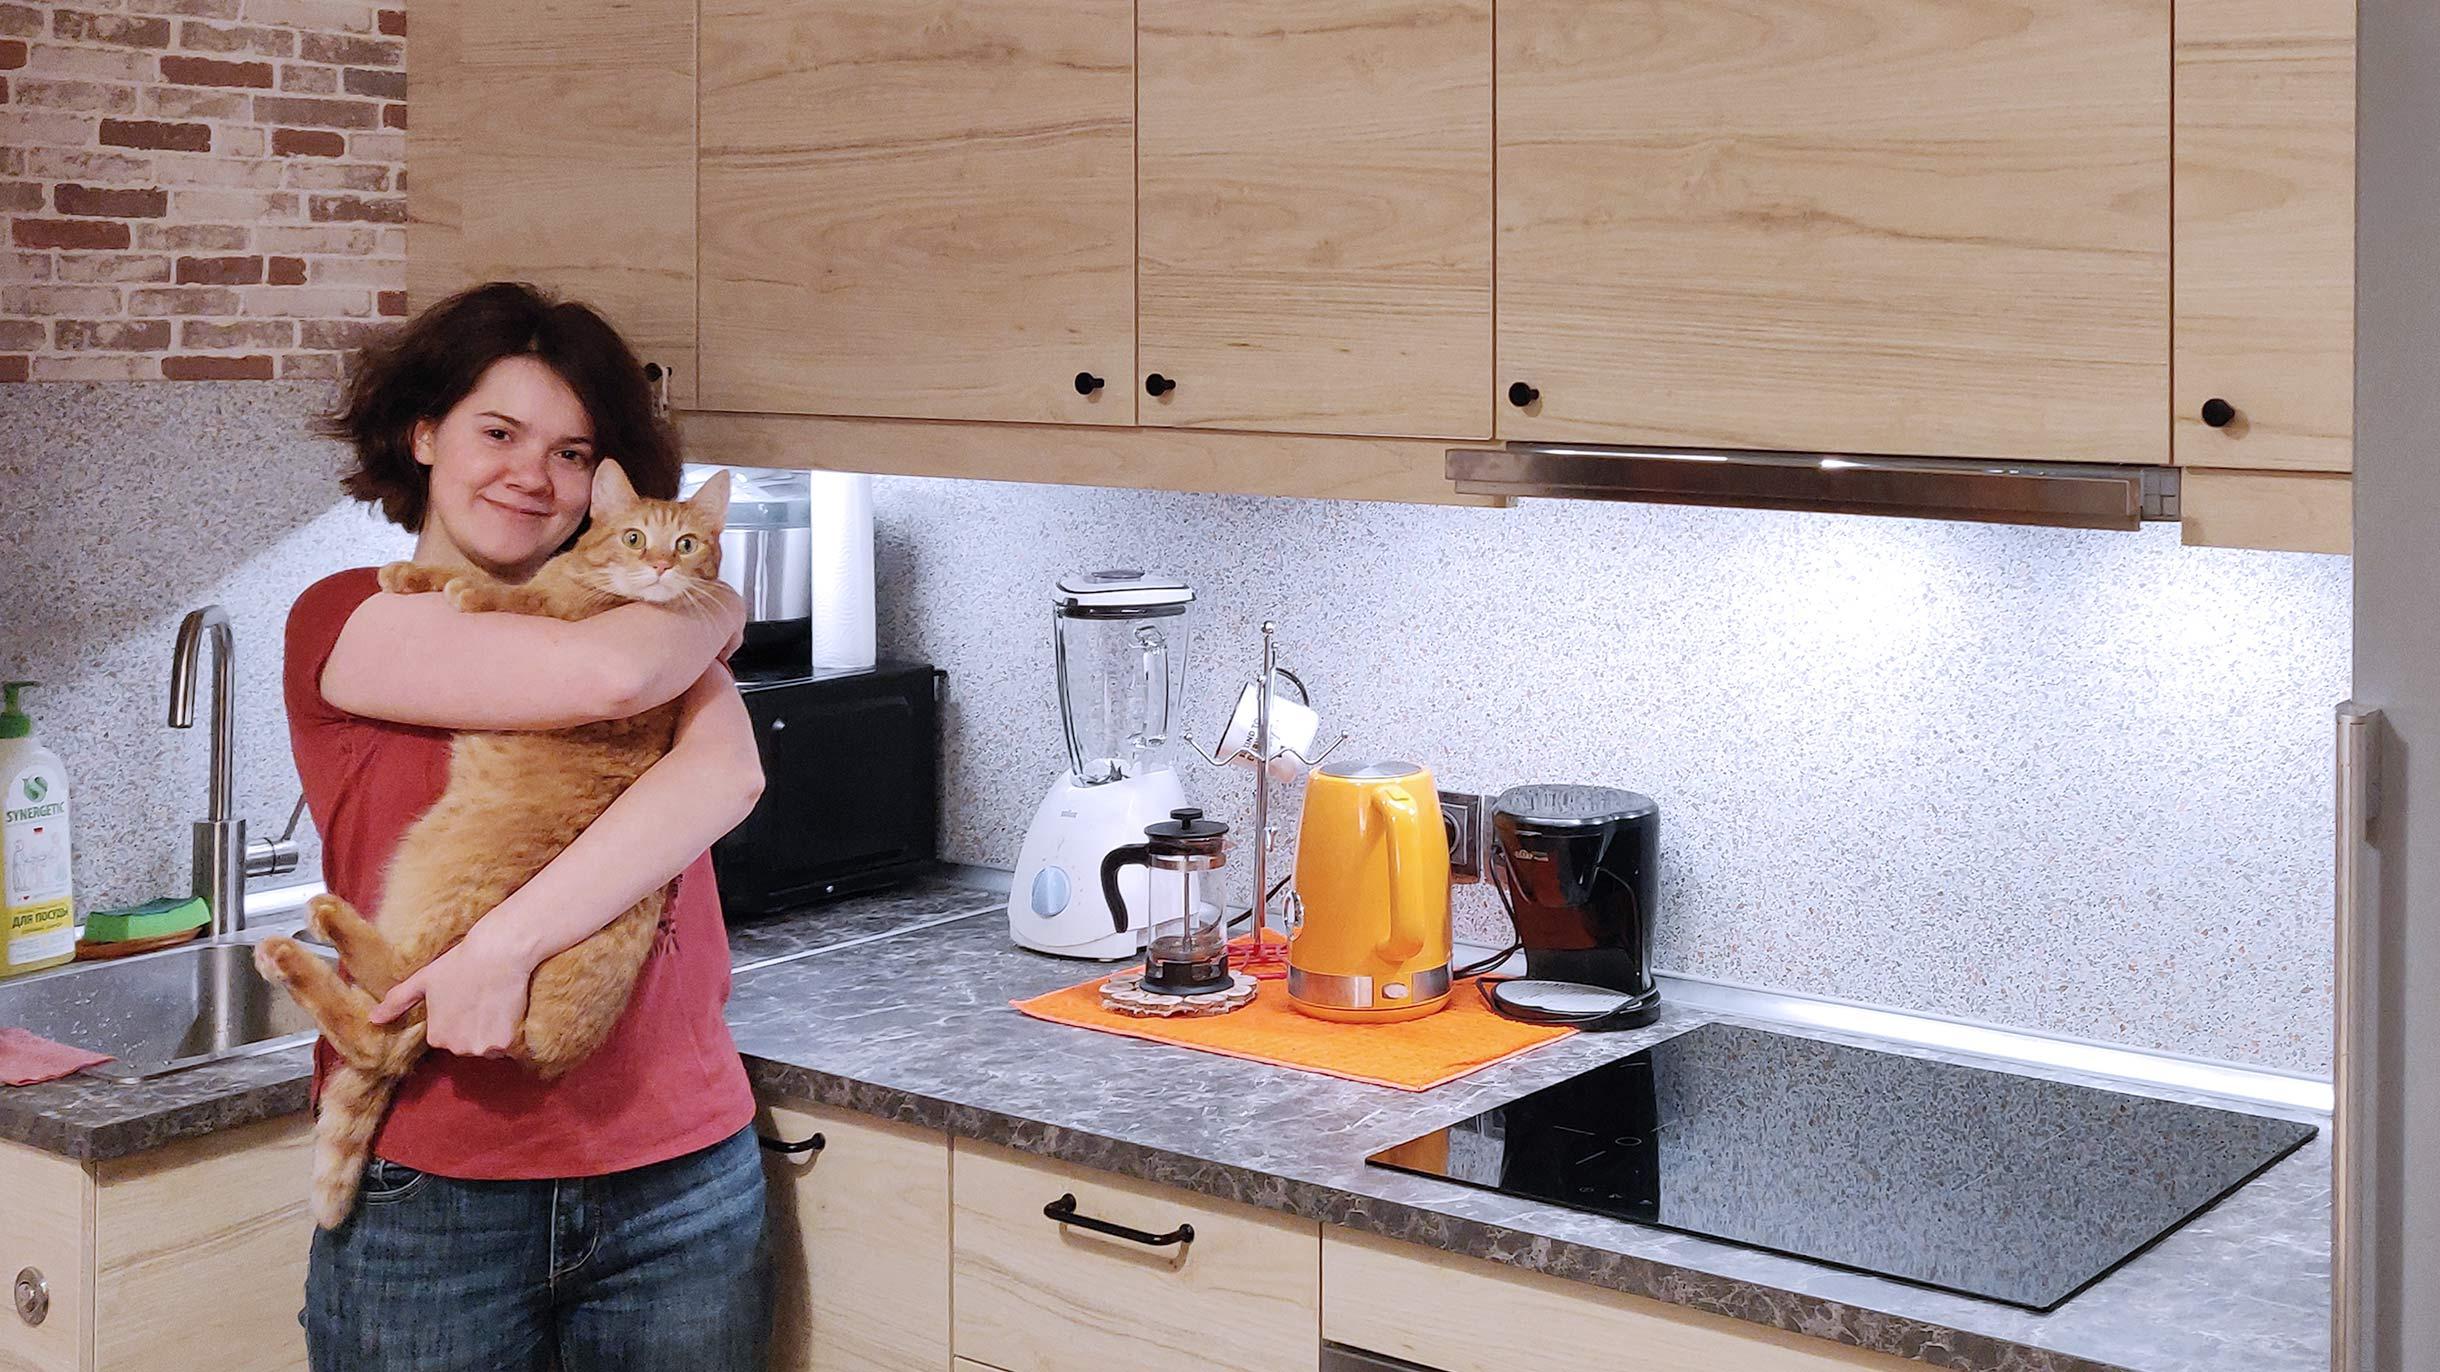 Я заменила старую кухню на новую и сэкономила 40 тысяч рублей